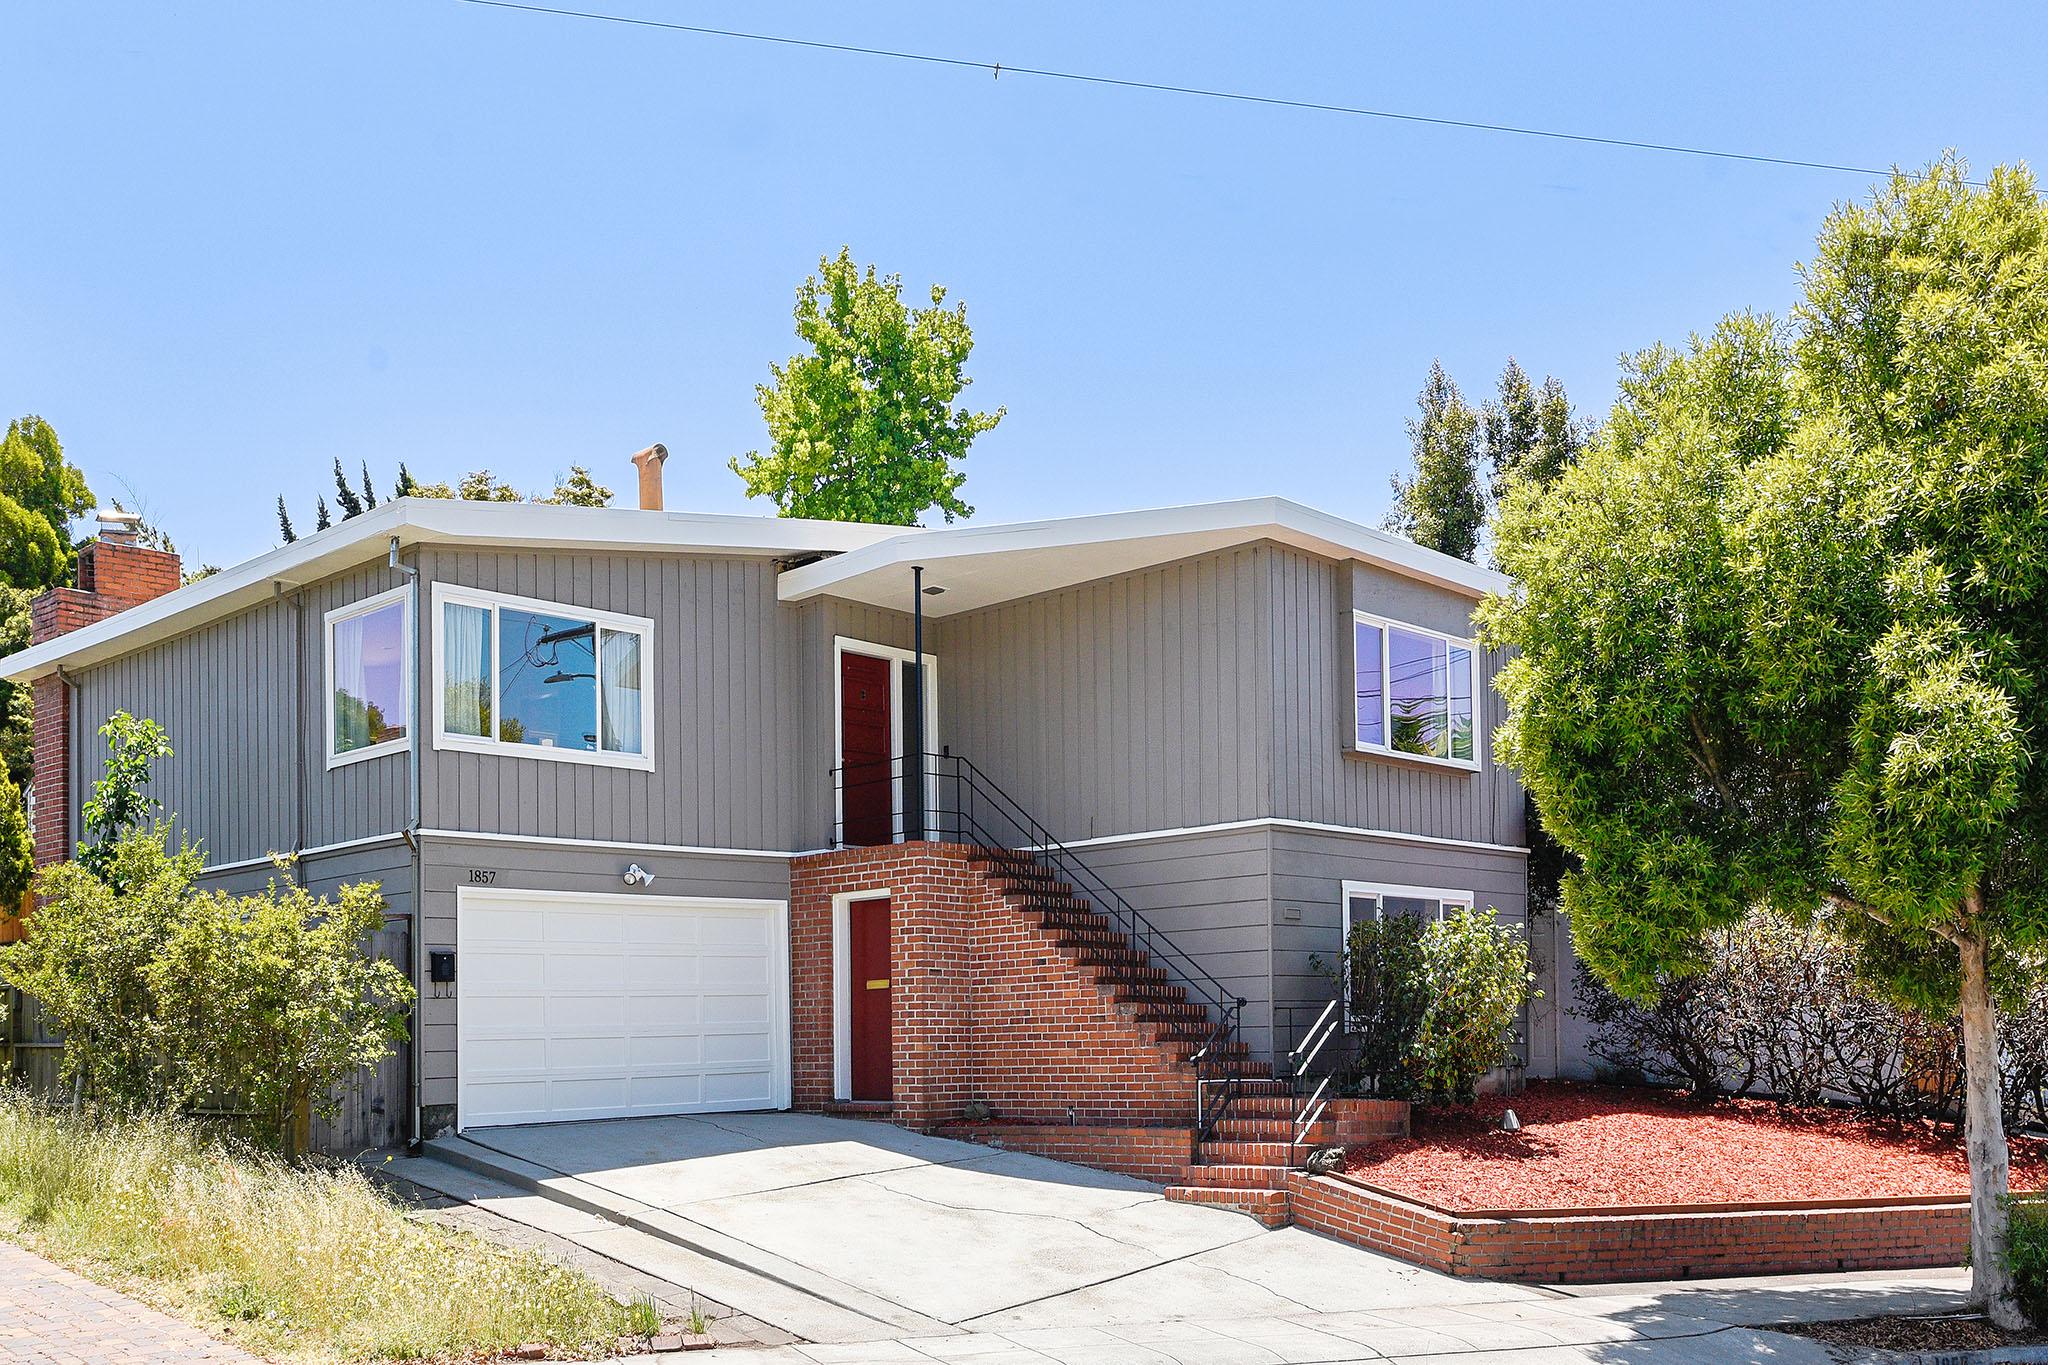 1857 Carlson Blvd, Richmond, CA 94804